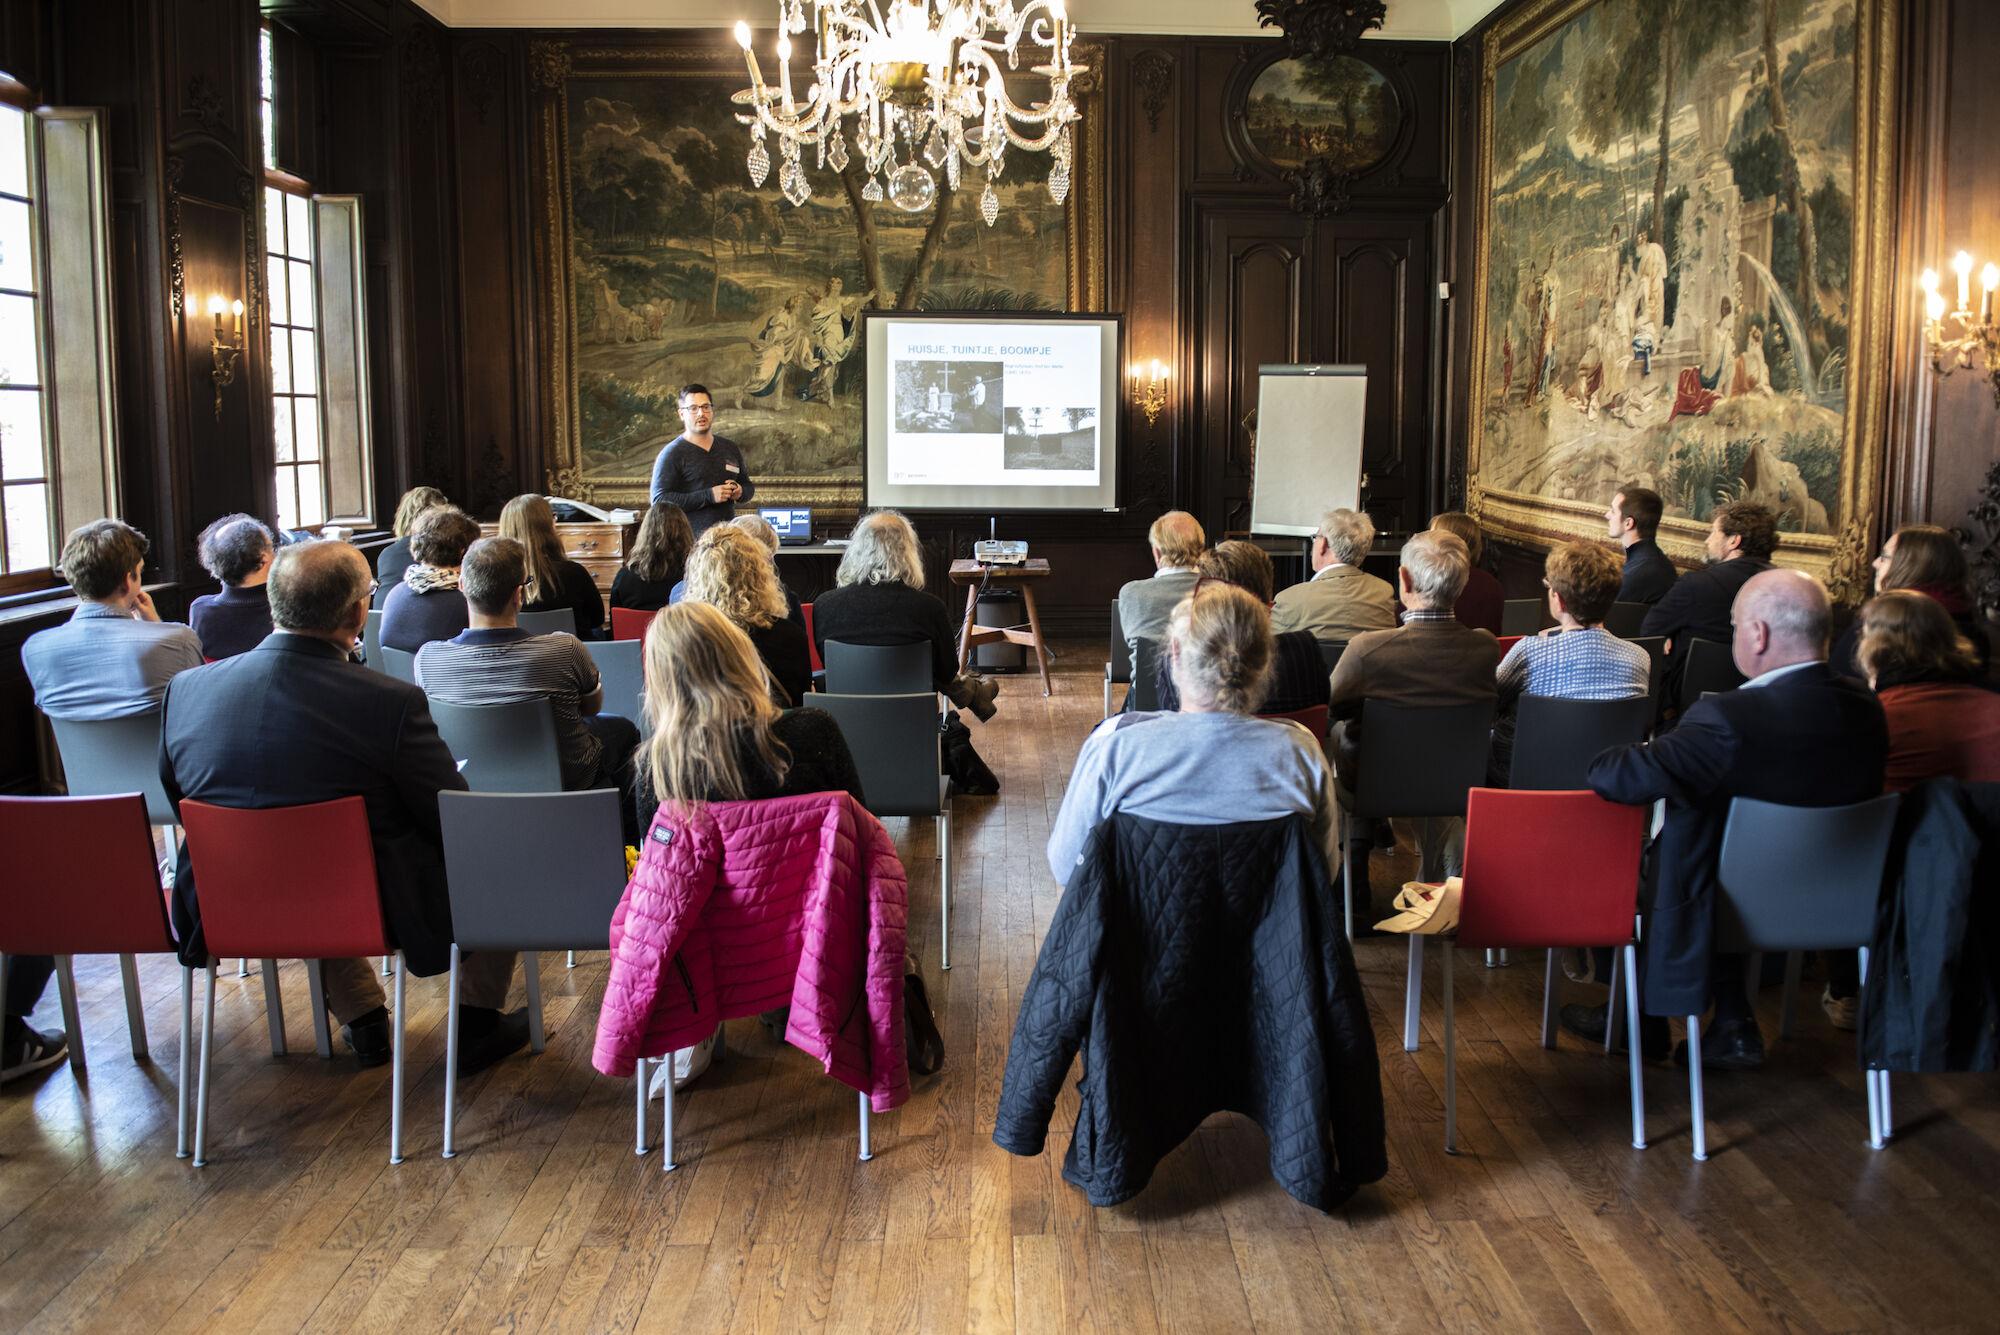 20190510 Erfgoedtreffen STAM Gent 124.jpg